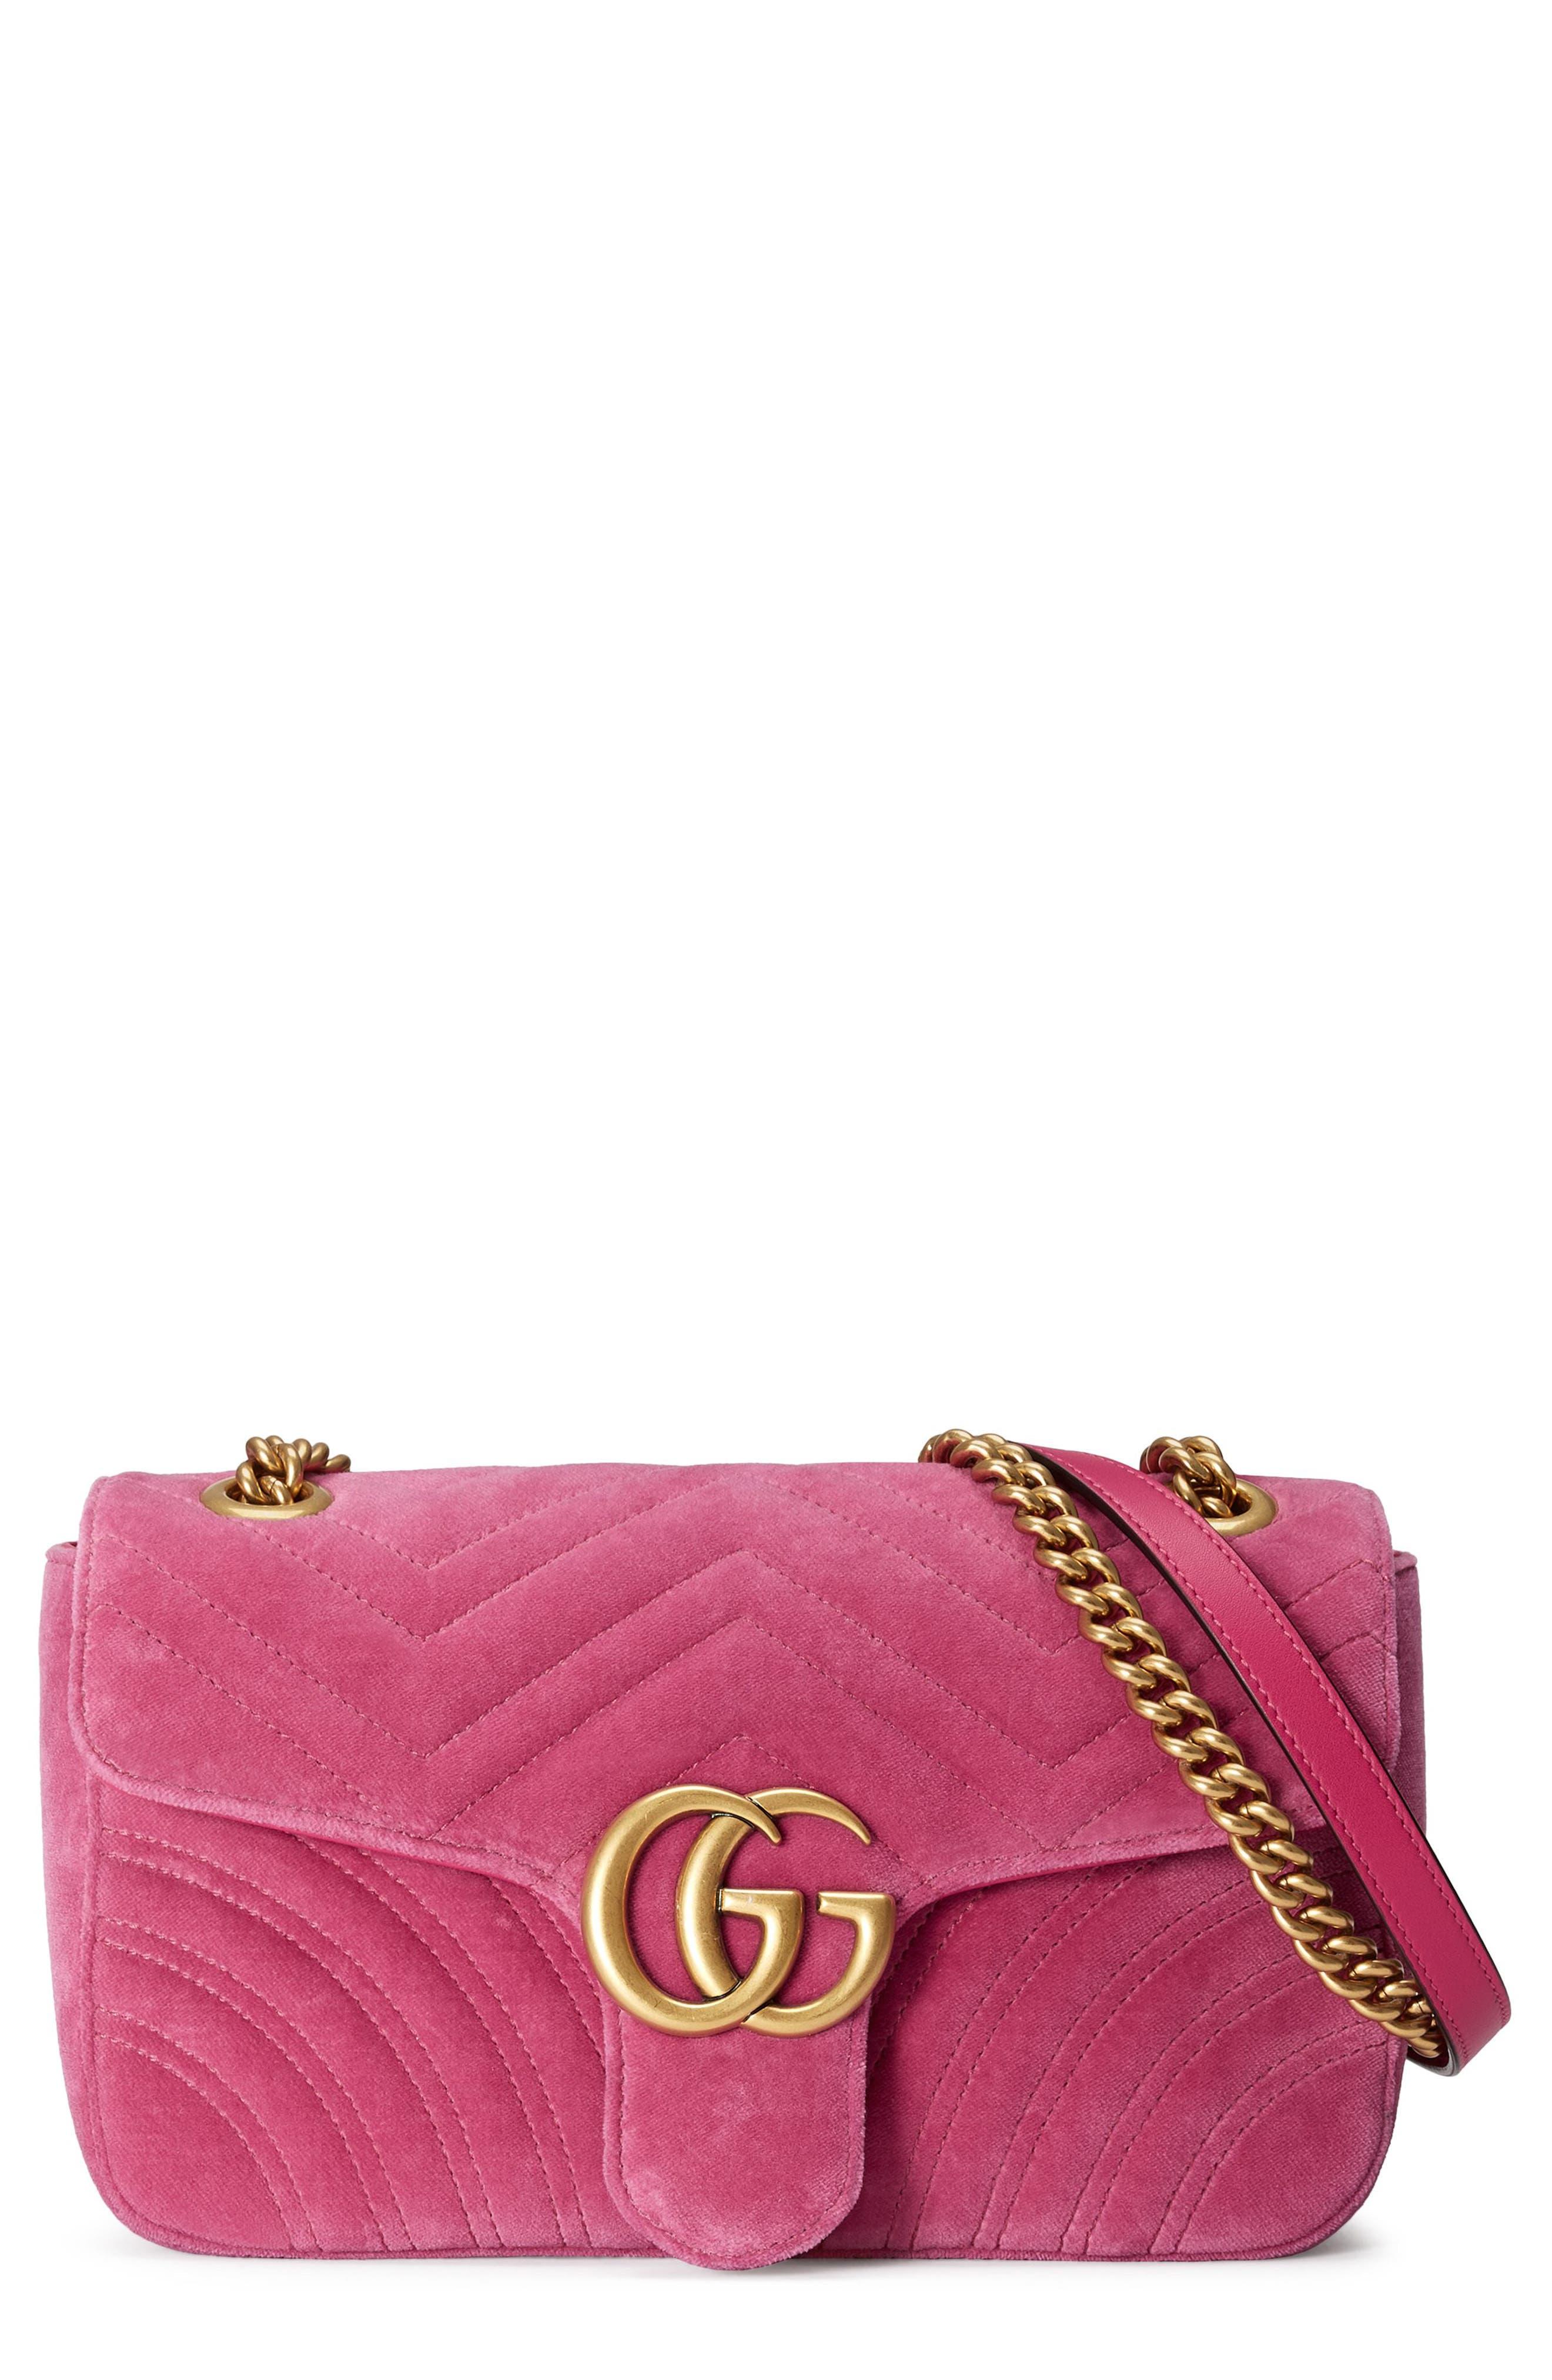 Medium GG Marmont 2.0 Matelassé Velvet Shoulder Bag,                             Main thumbnail 1, color,                             Raspberry/ Raspberry Multi